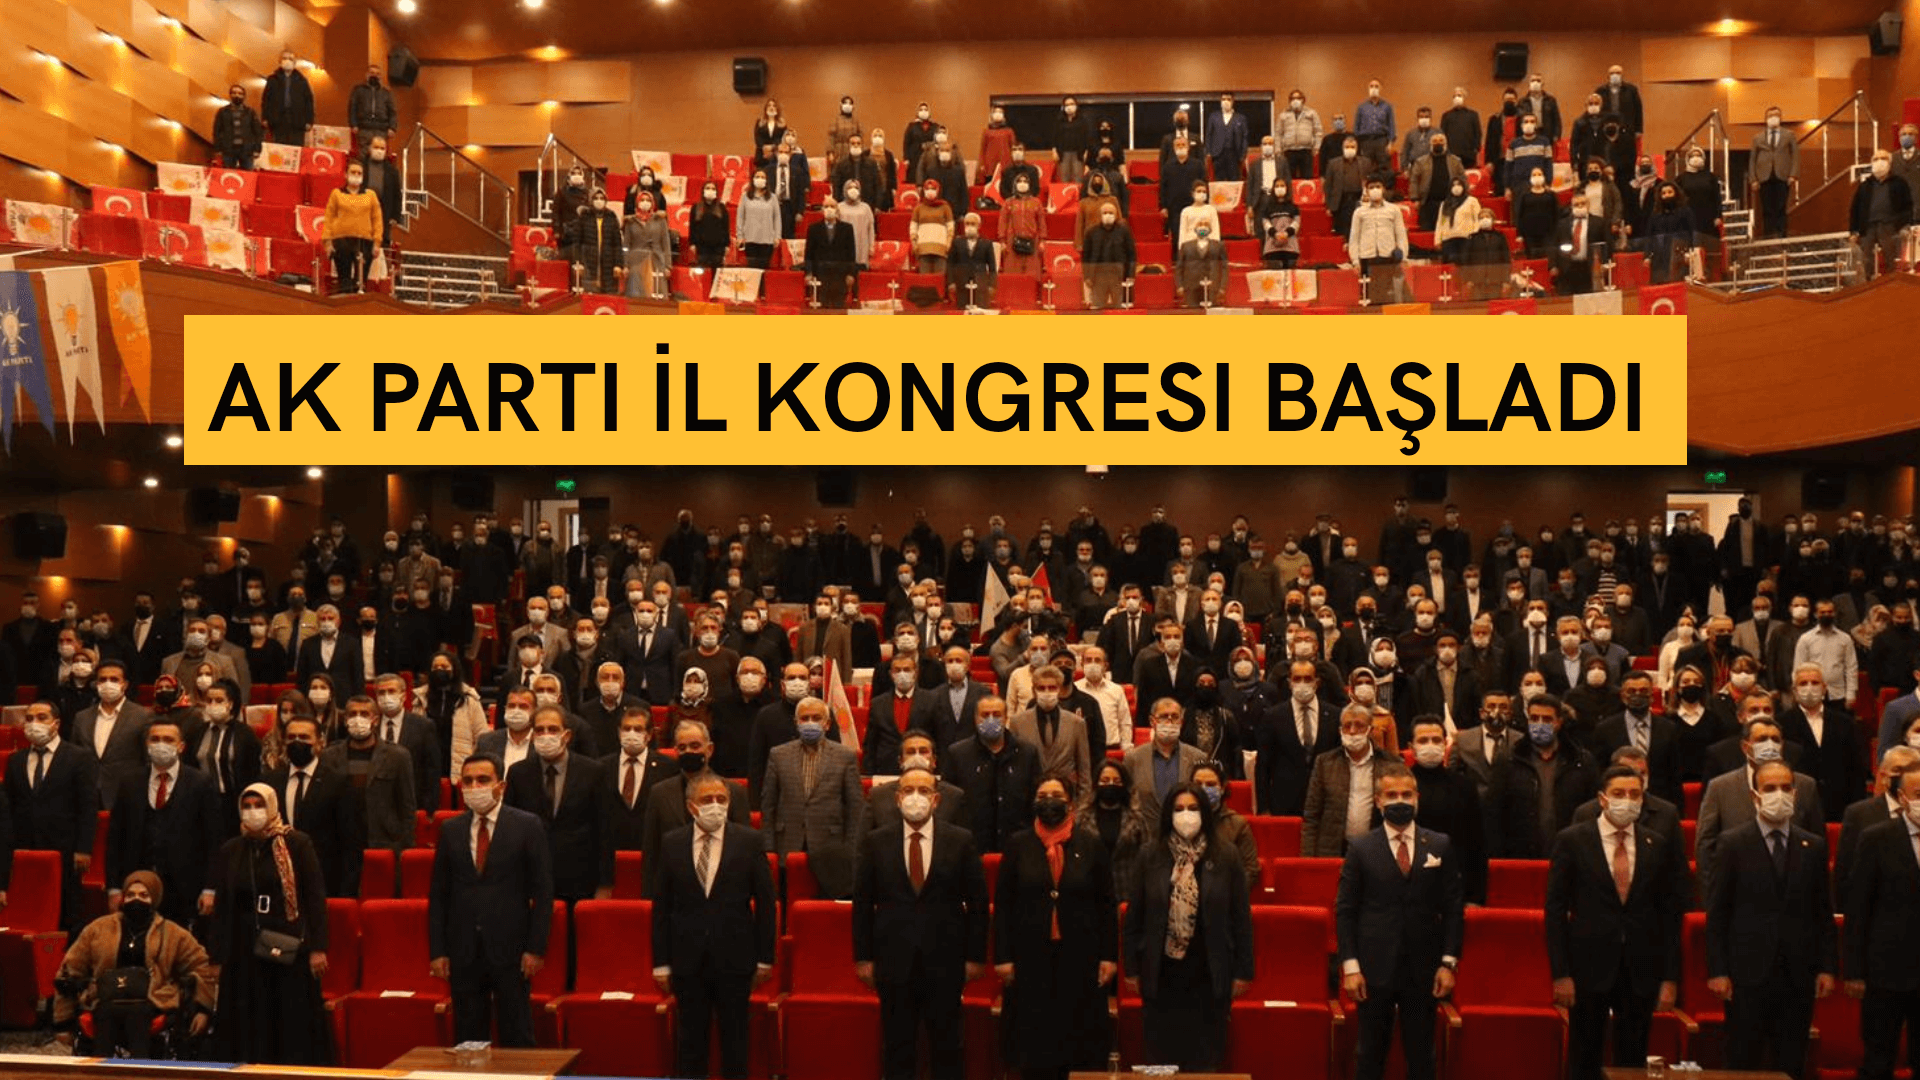 AK Parti Kırşehir İl Başkanlığı Kongresi başladı